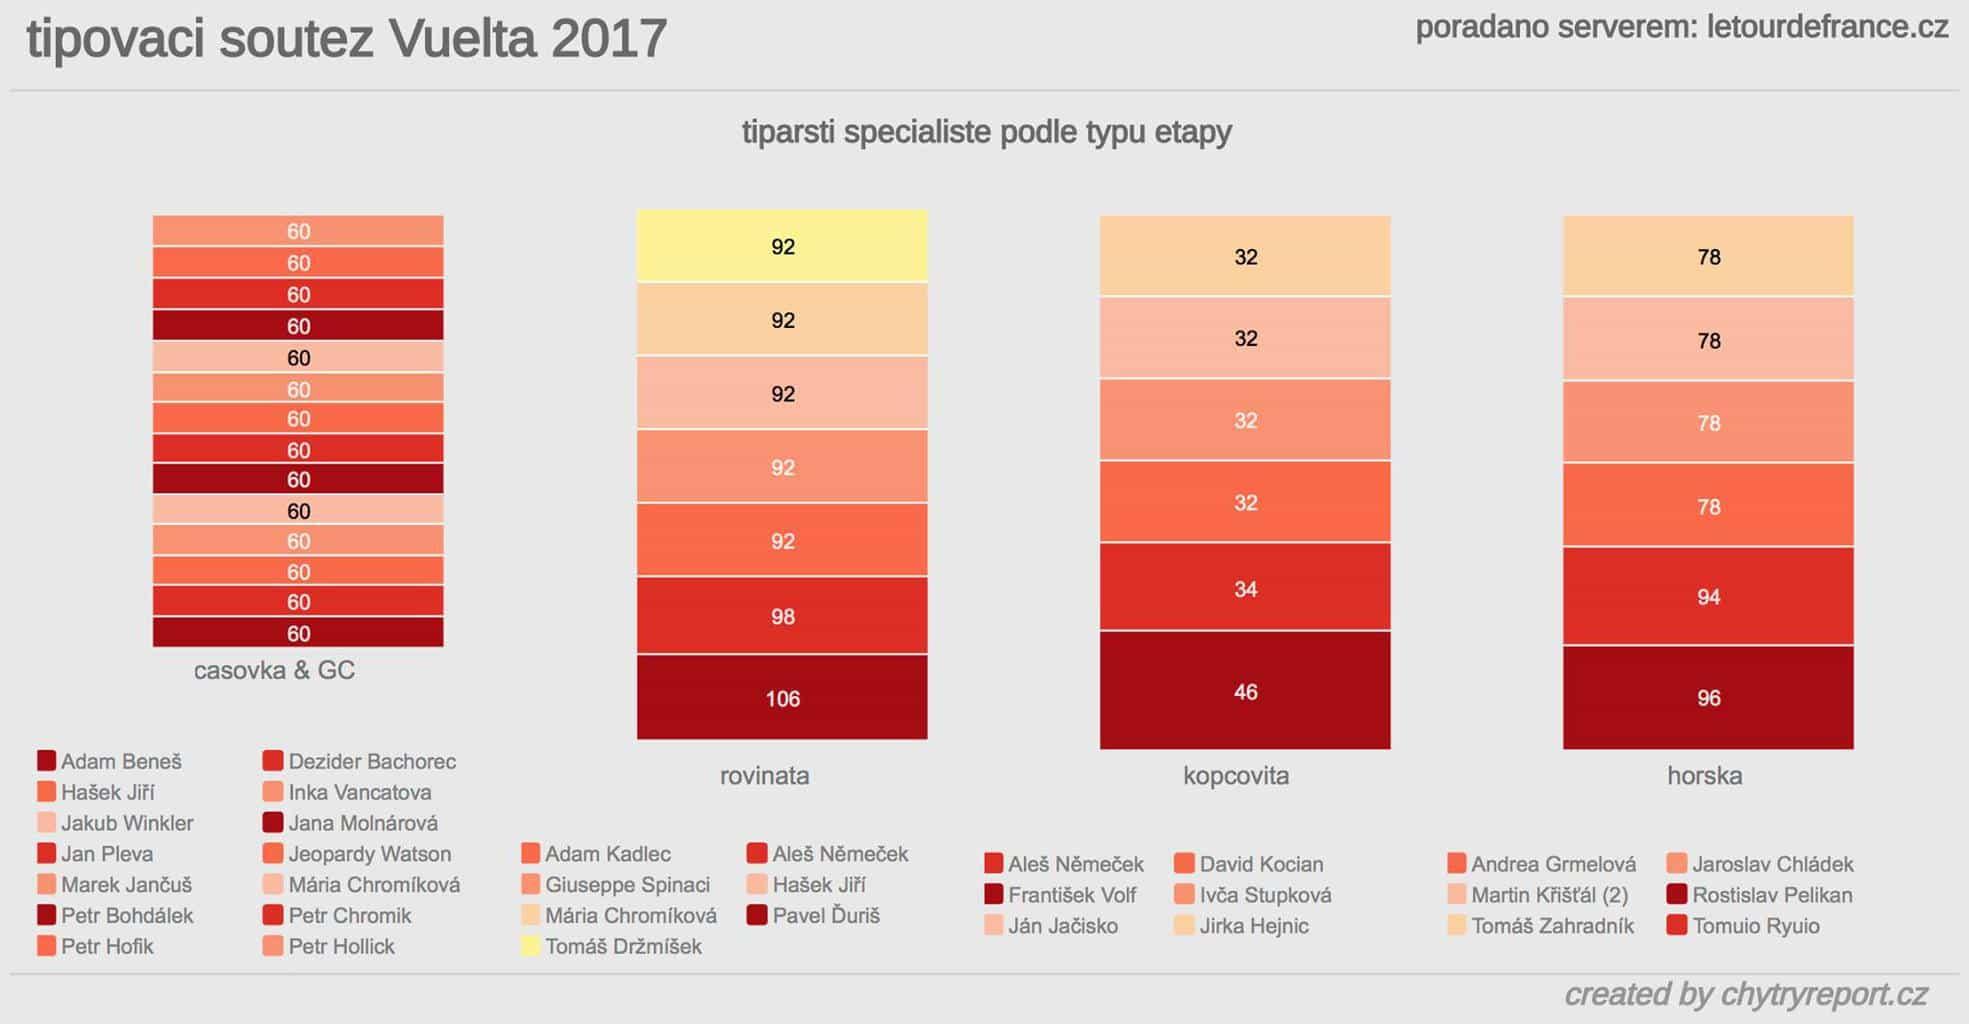 Soutěž Vuelta 2017 celkem 2